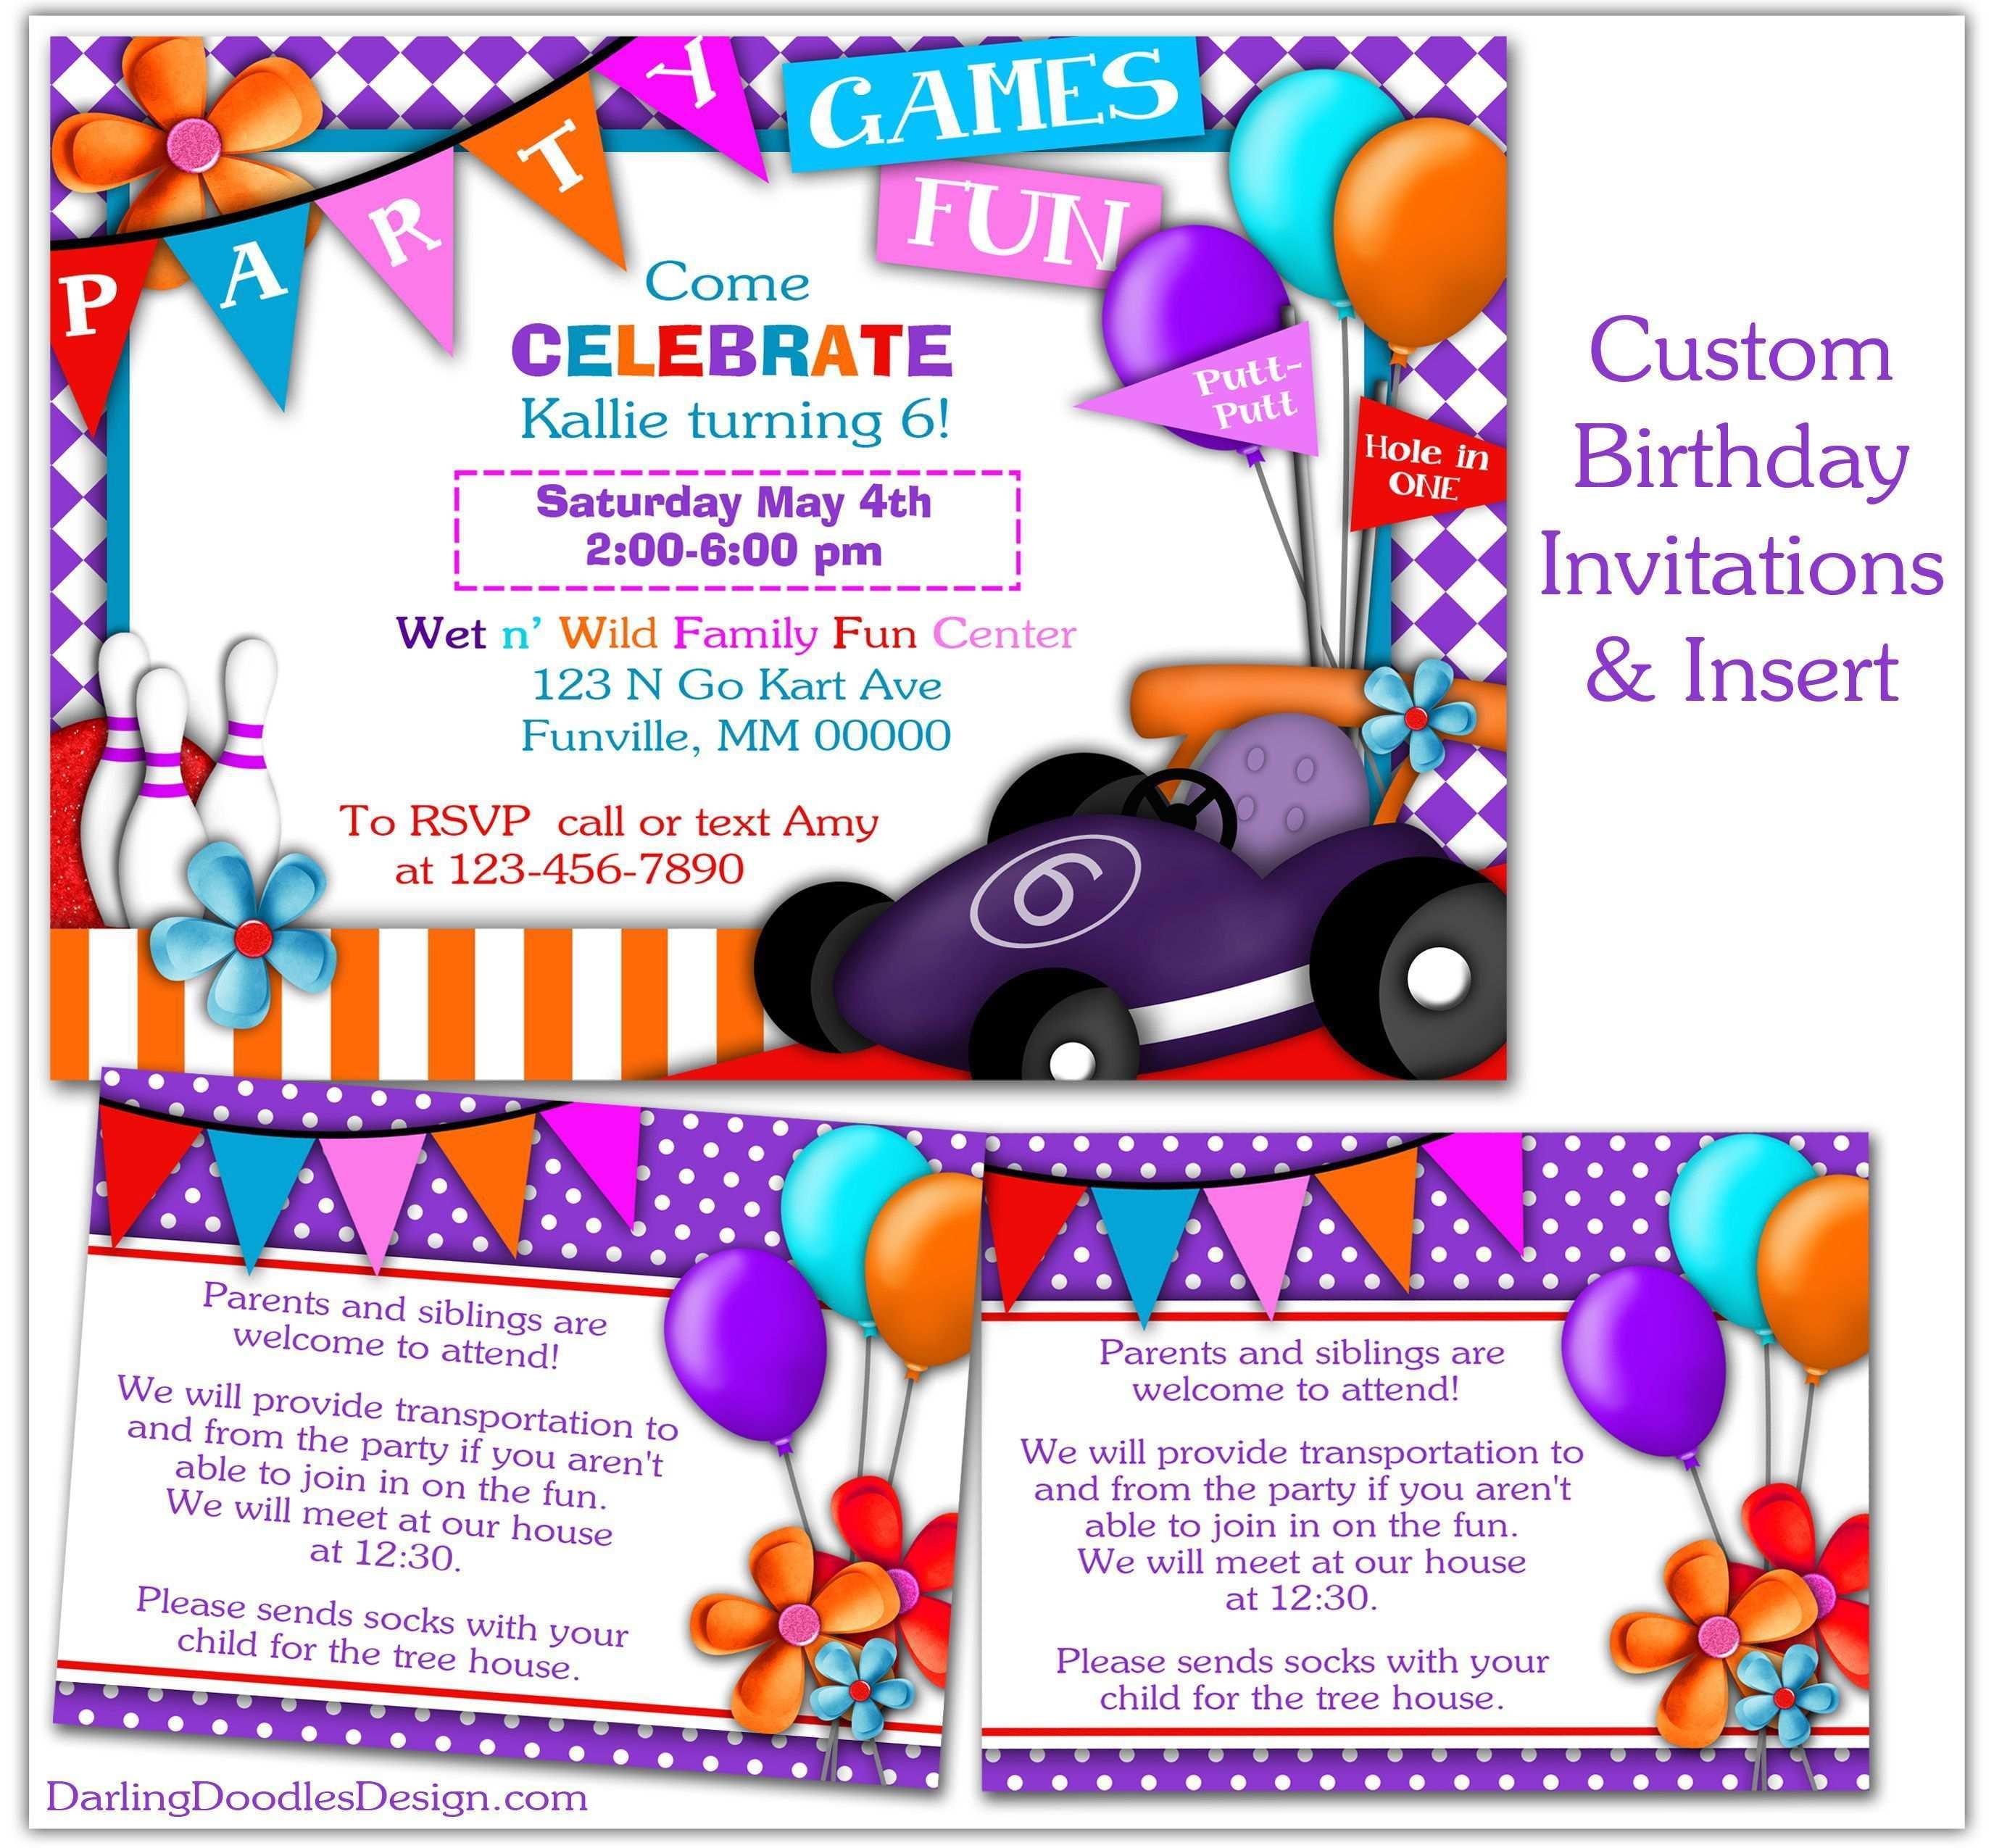 Einladung Kostenlos Kartfahren Geburtstagseinladungen Zum Ausdrucken Einladungen Geburtstagseinladungen